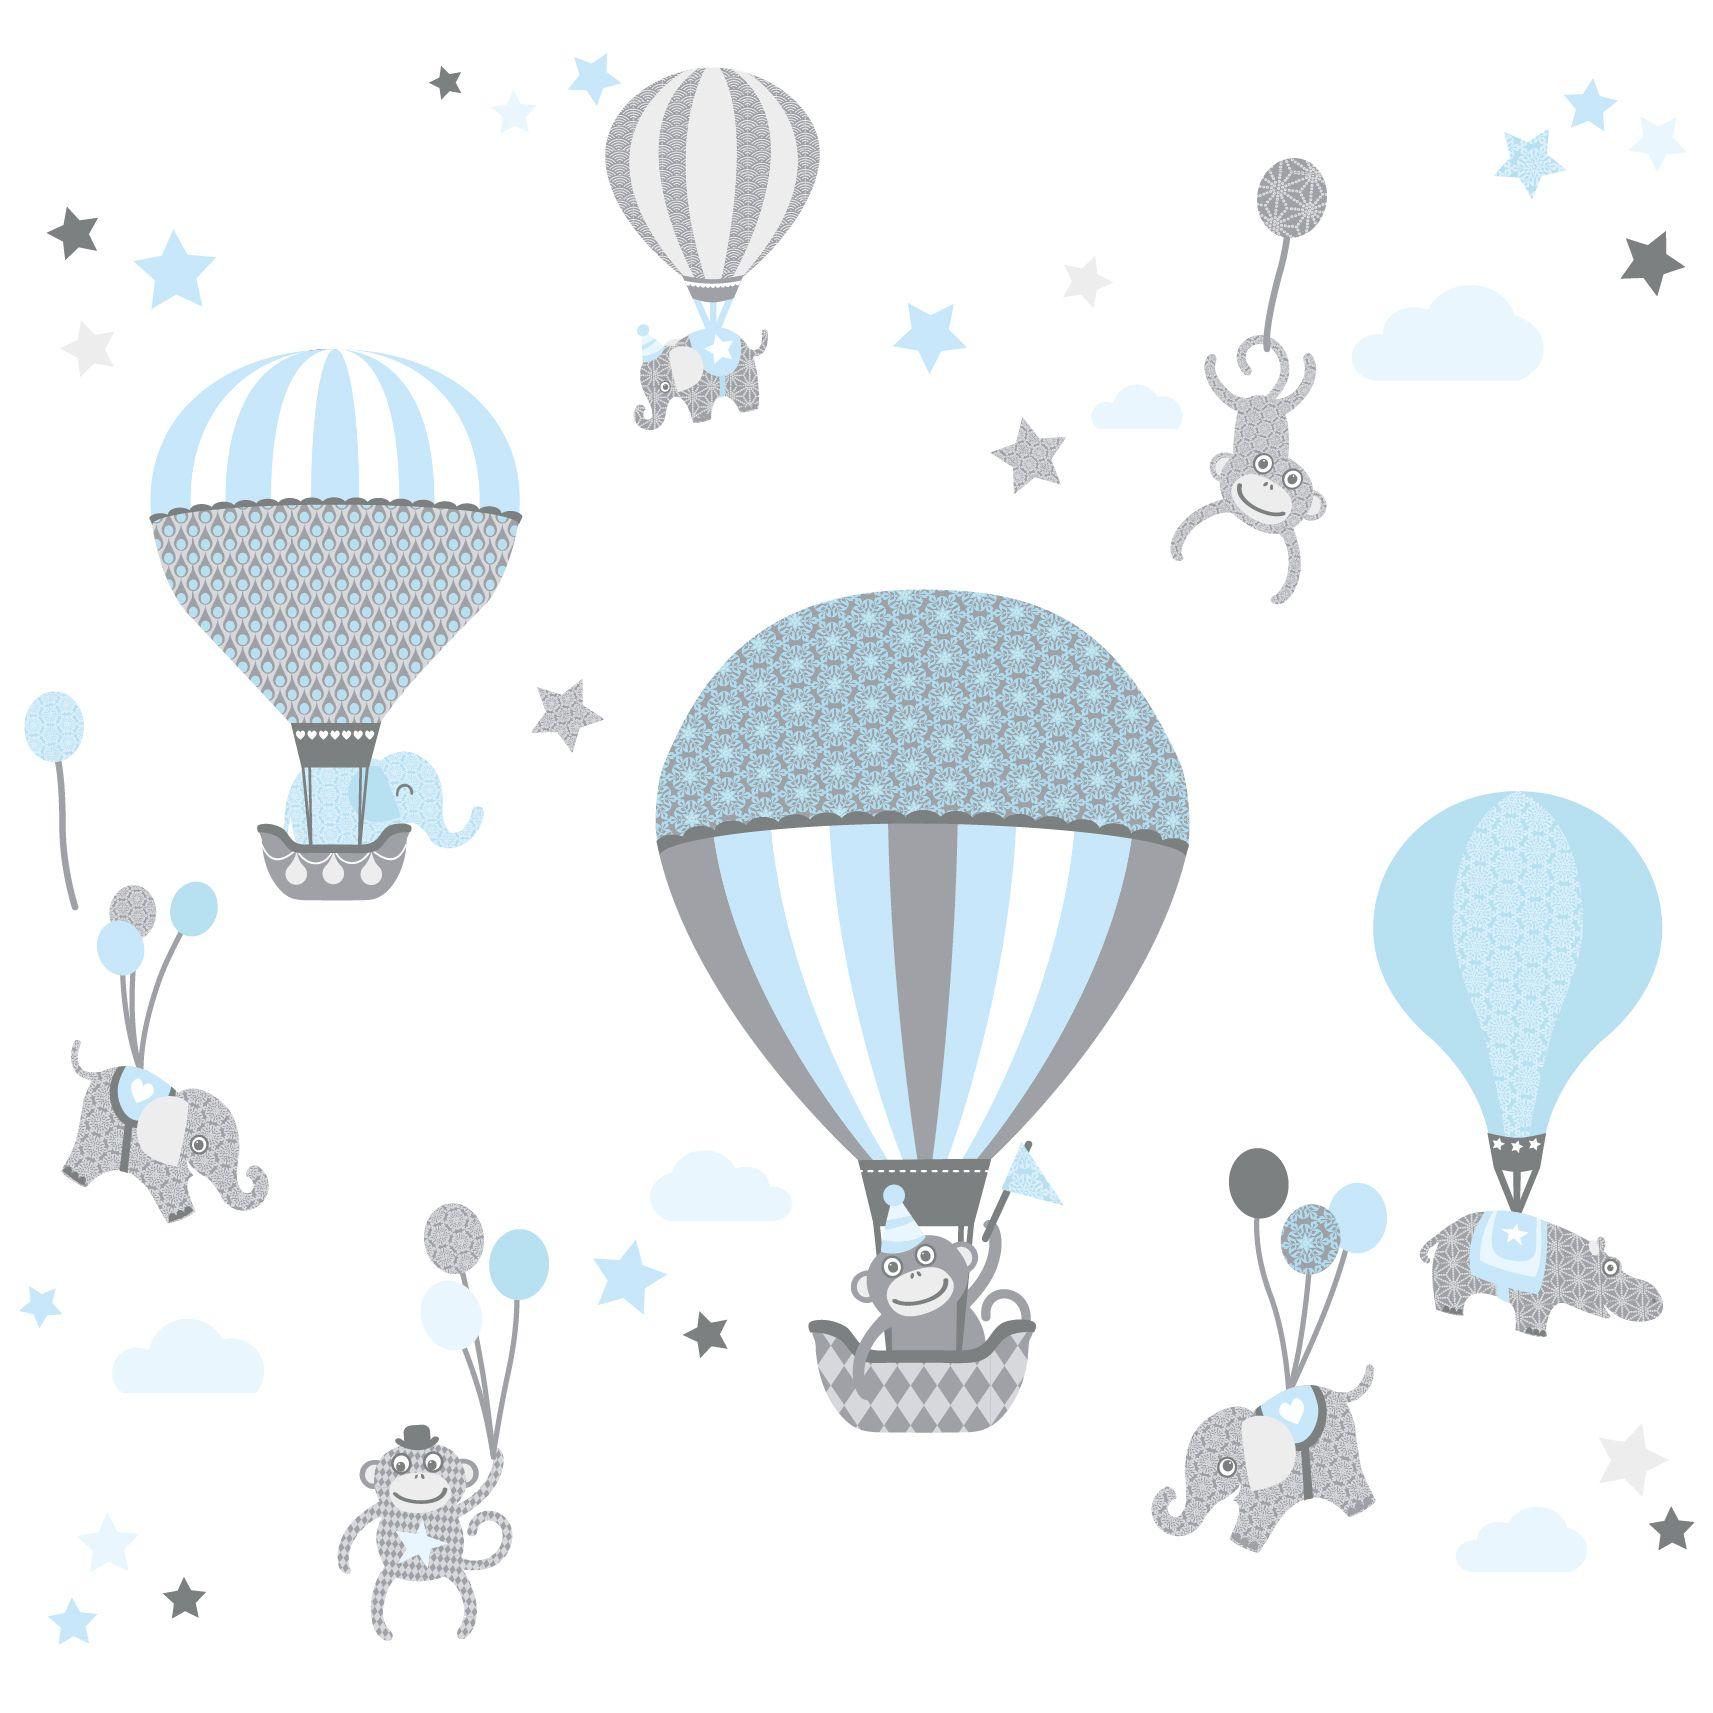 Farben Wandtattoo Schlafzimmer Madchen Junge Wanddeko Baby Kinder Wandaufkleber Kinderzimmer Babyzimmer Mit Tieren In Versch Lovely Label Wandsticker Selbstklebend Heissluftballons Grau Blau